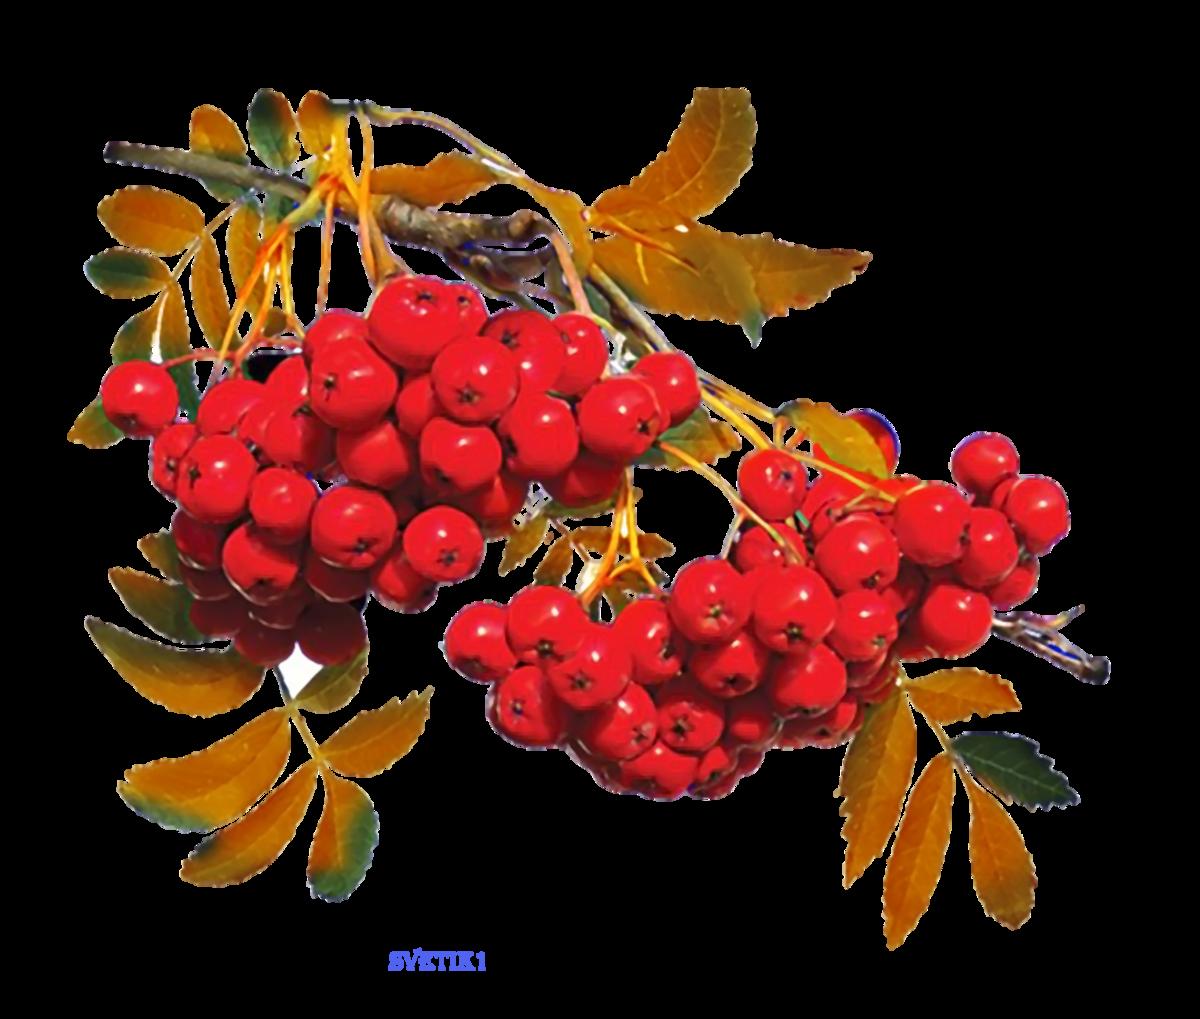 Картинка гроздь рябины для детей на прозрачном фоне